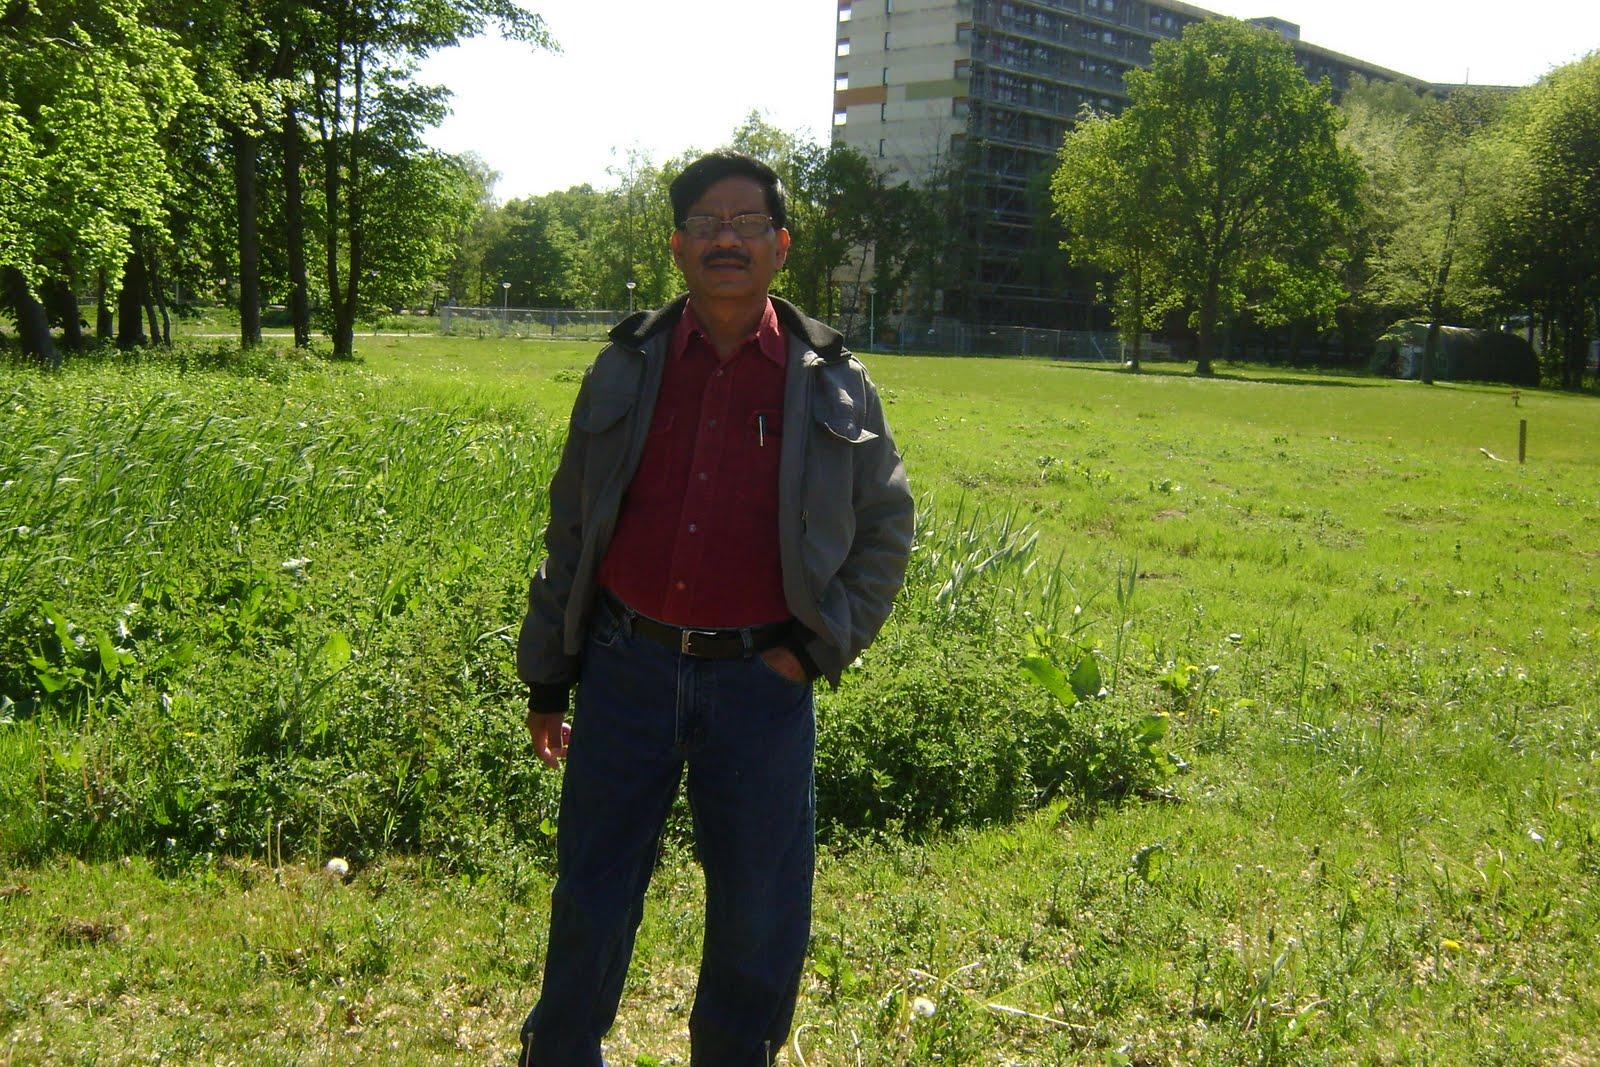 http://4.bp.blogspot.com/-iFf0vFG9EoA/TcLjinsQetI/AAAAAAAAARM/YH9-7JhQkpI/s1600/004.JPG